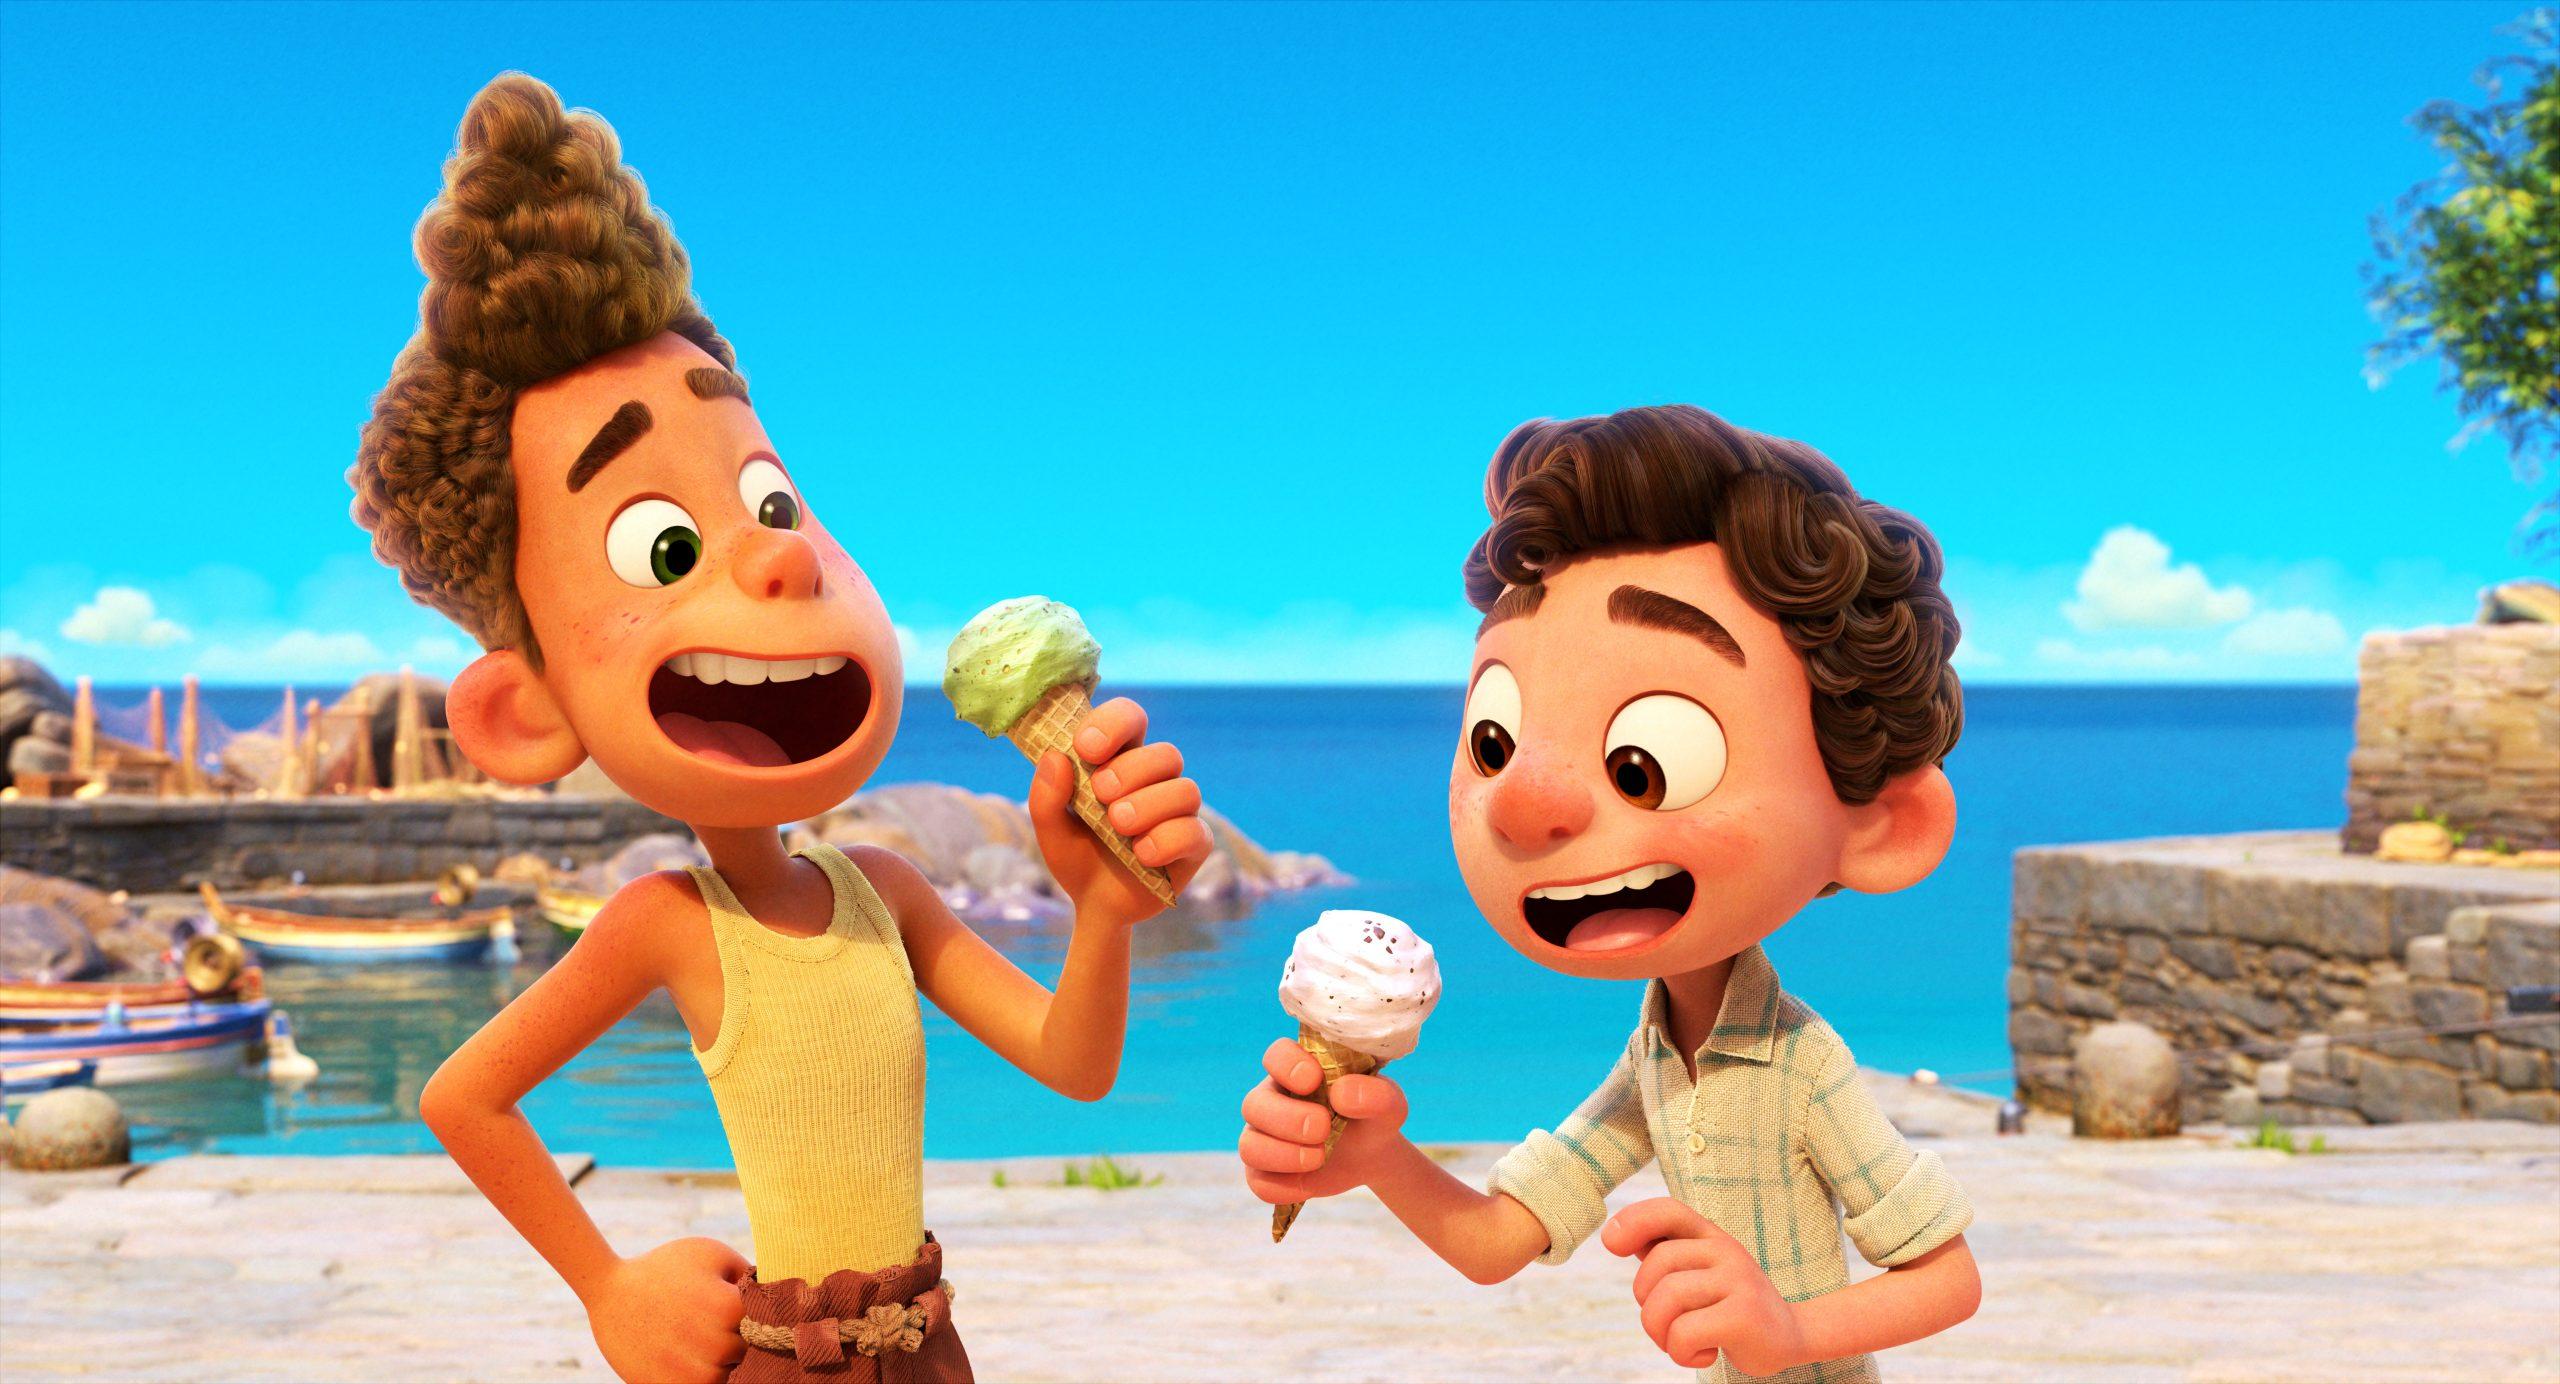 Luca Pixar Disney